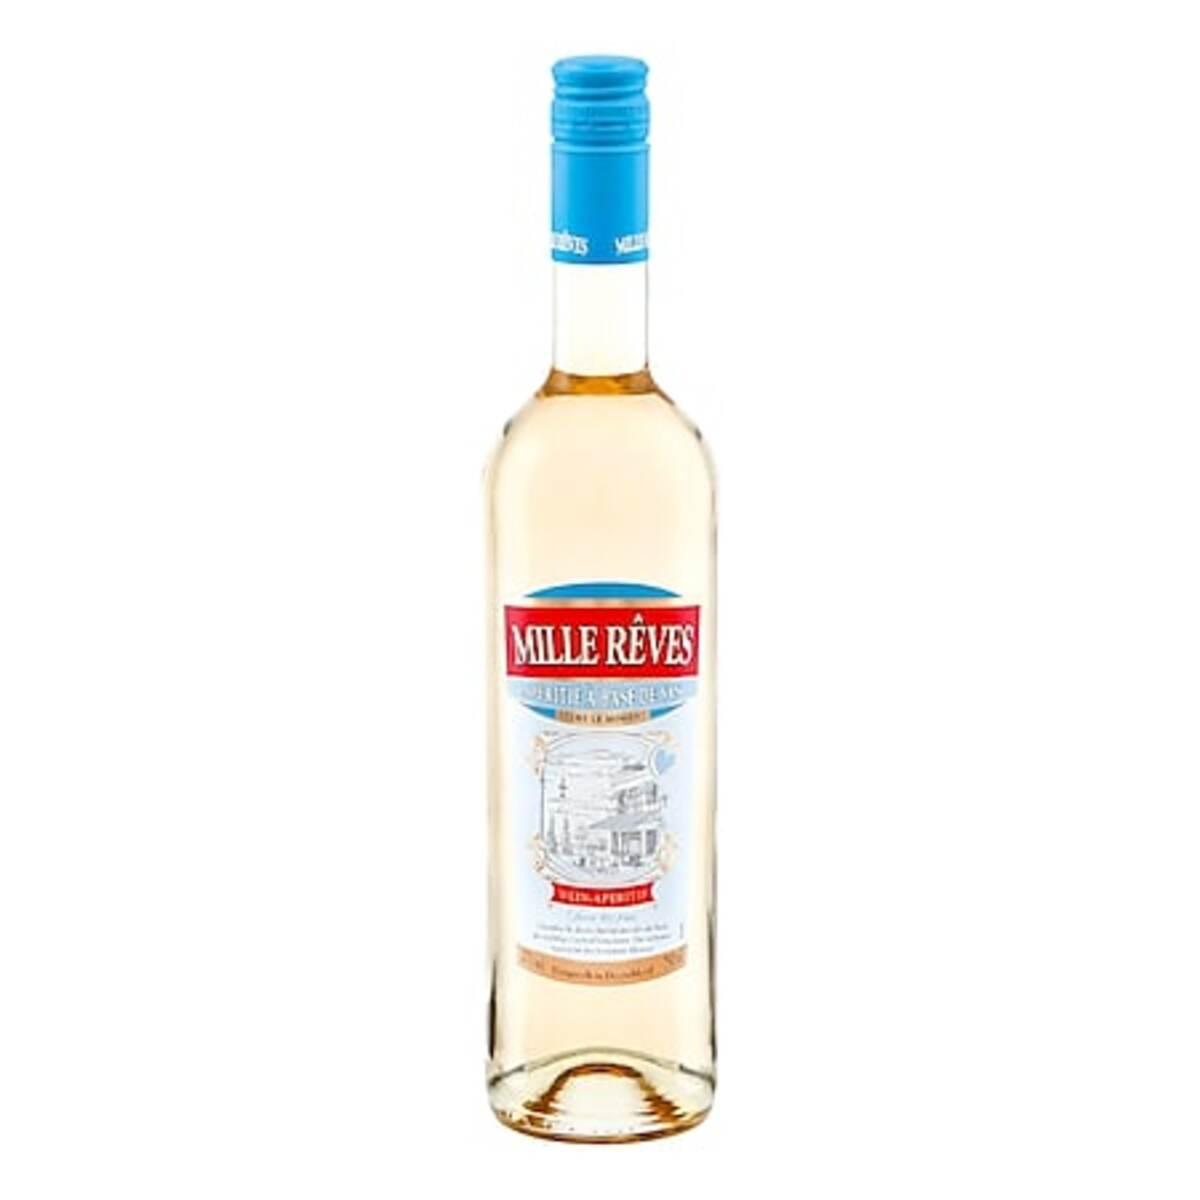 Bild 1 von Mille Reves blanc Aperitif 17,0 % vol 0,75 Liter